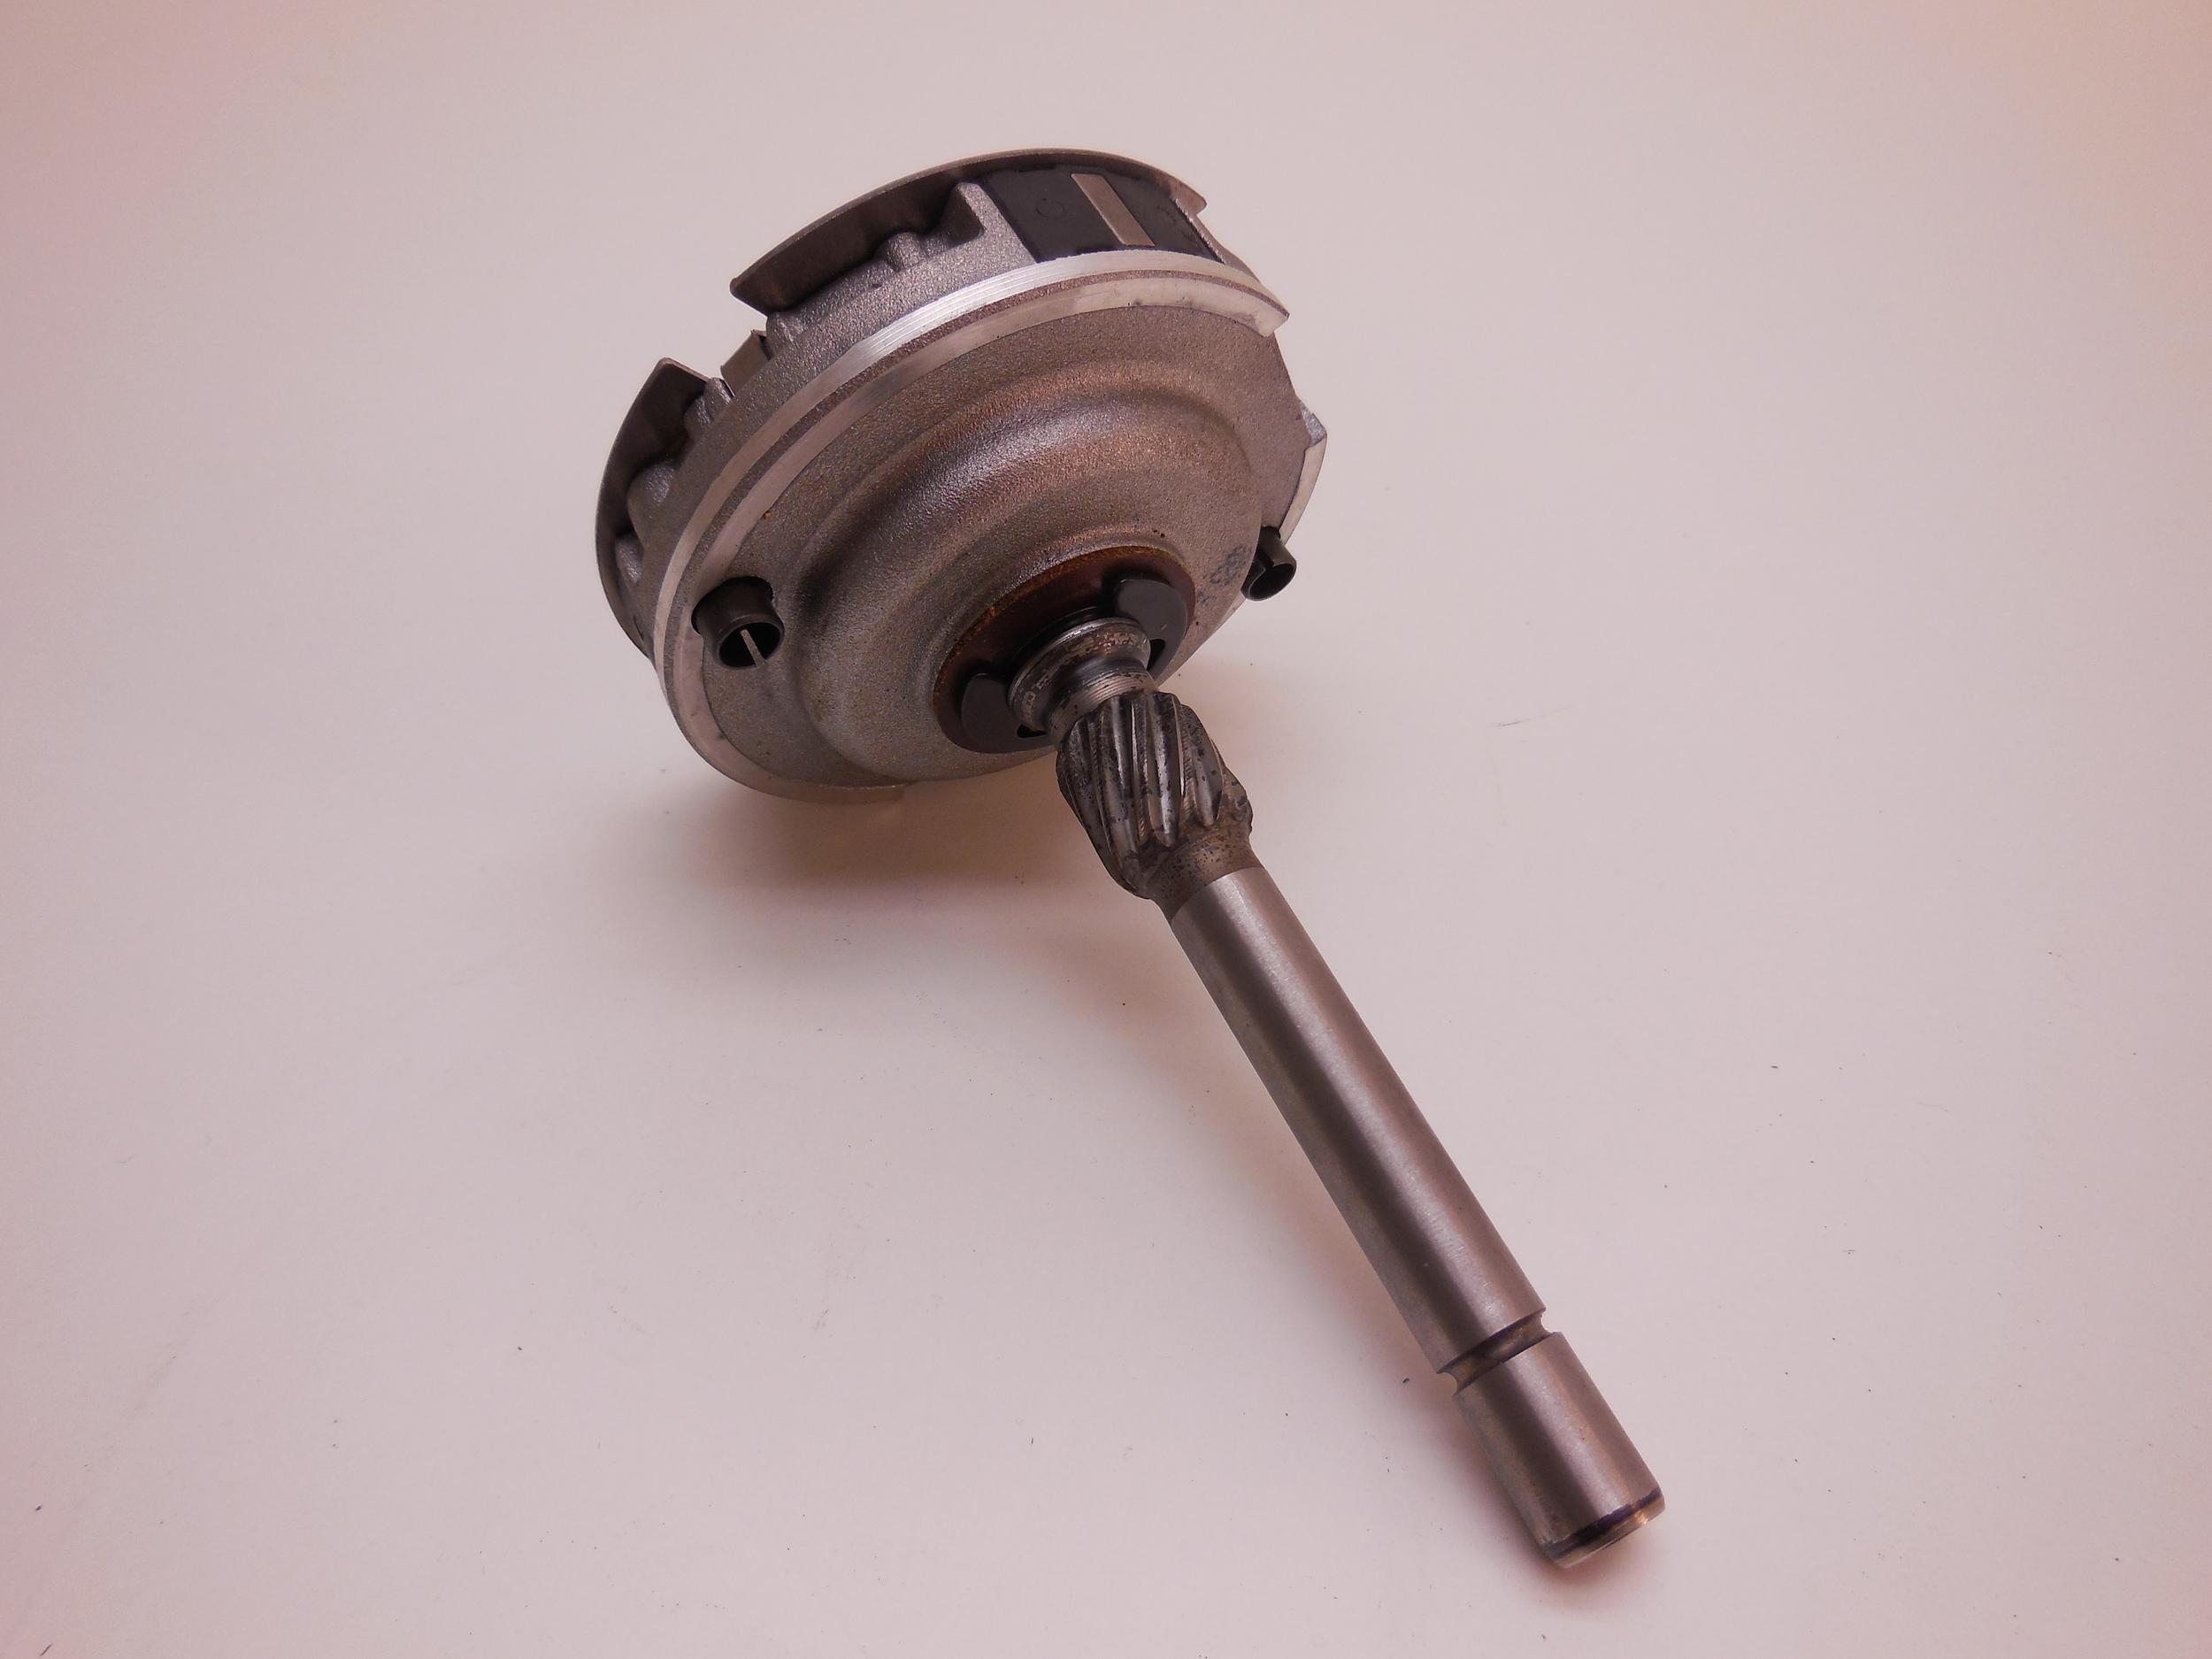 starter repair kit price: 1277 sek